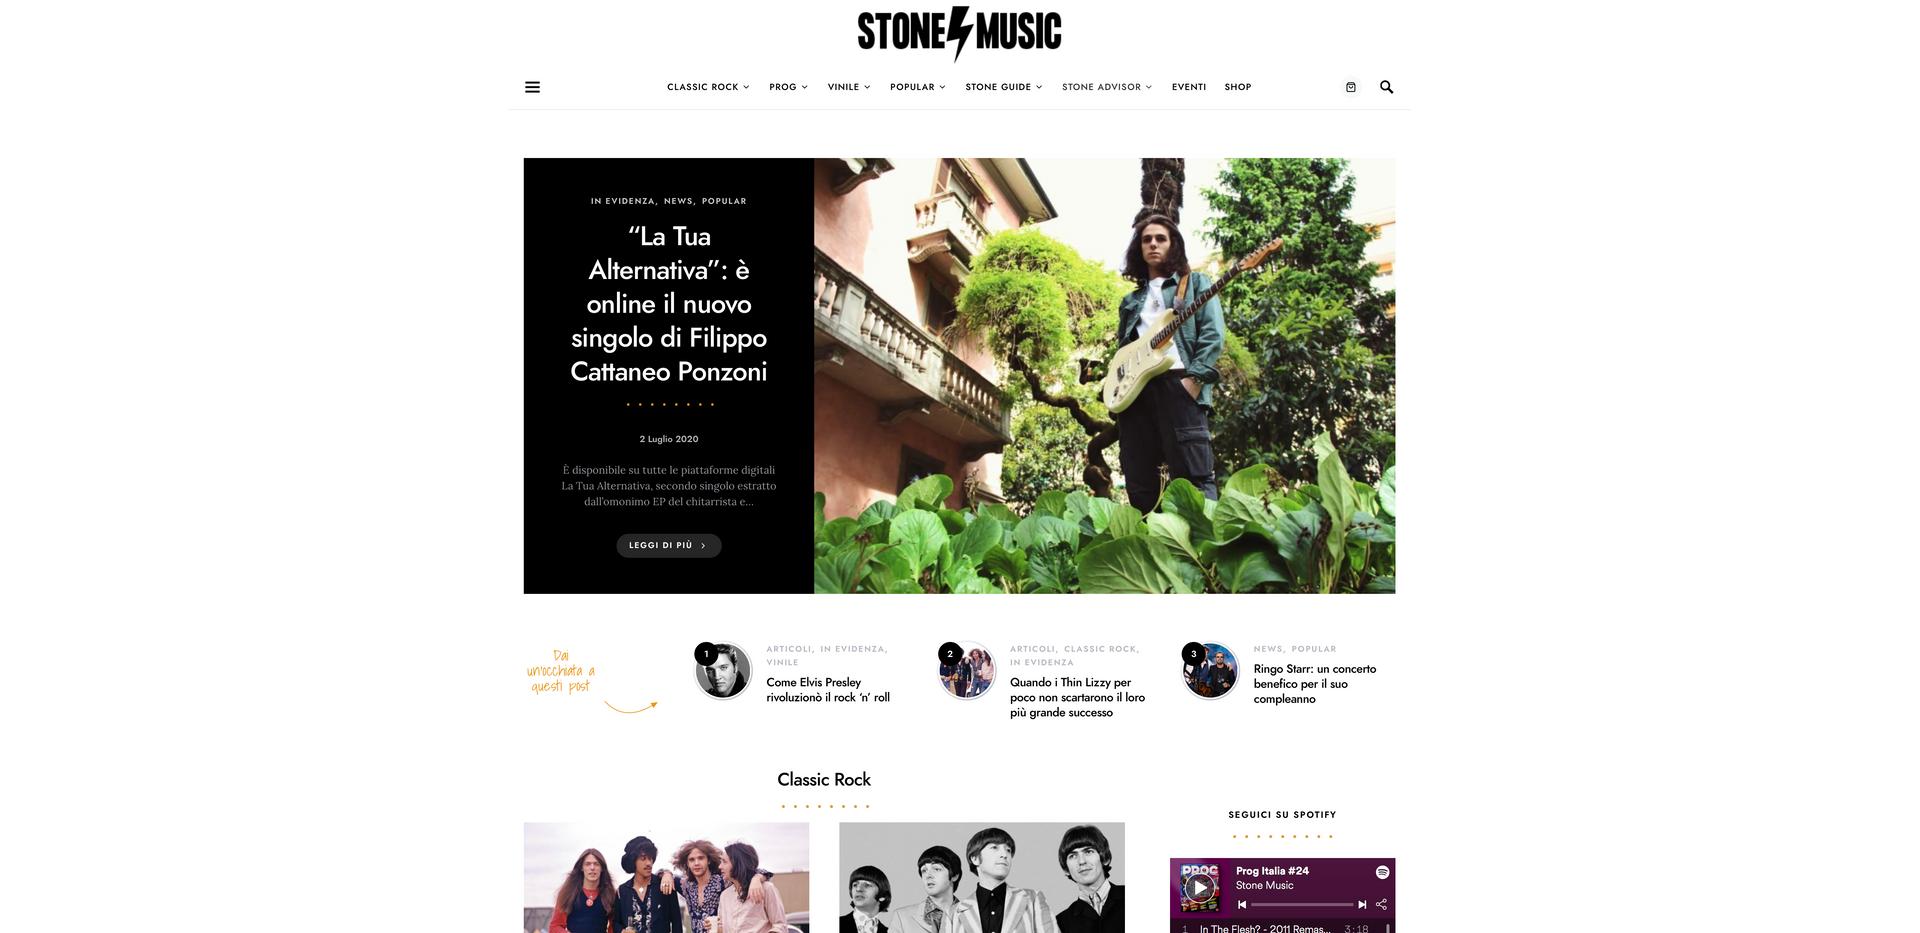 Stone Music 02/07/2020